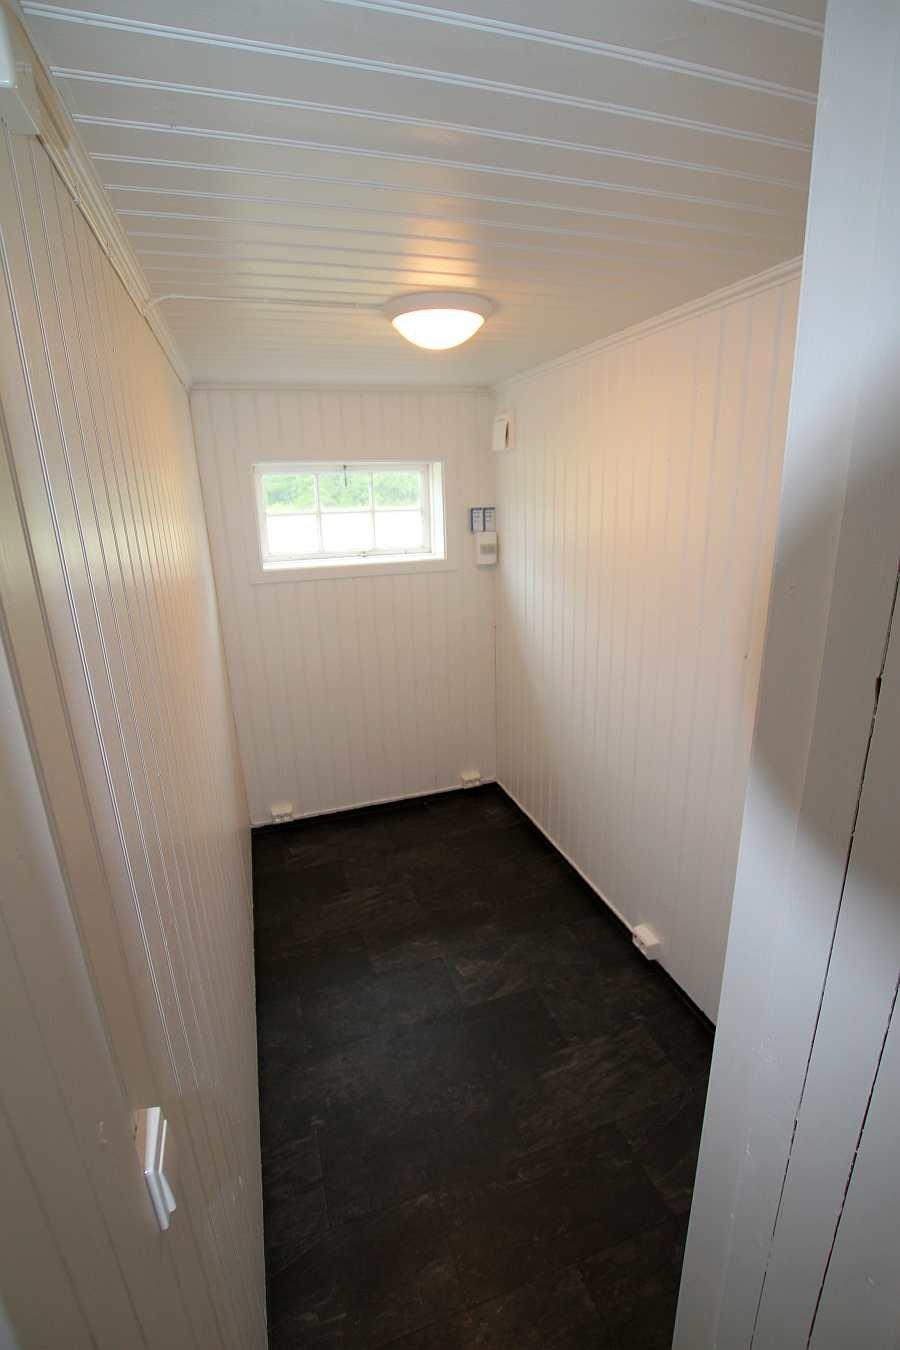 Gerade fertig renoviert - der Trockenraum für nasse Kleidung. Nun werden noch Haken und das Wärmegebläse sowie die Schuhtrockner installiert